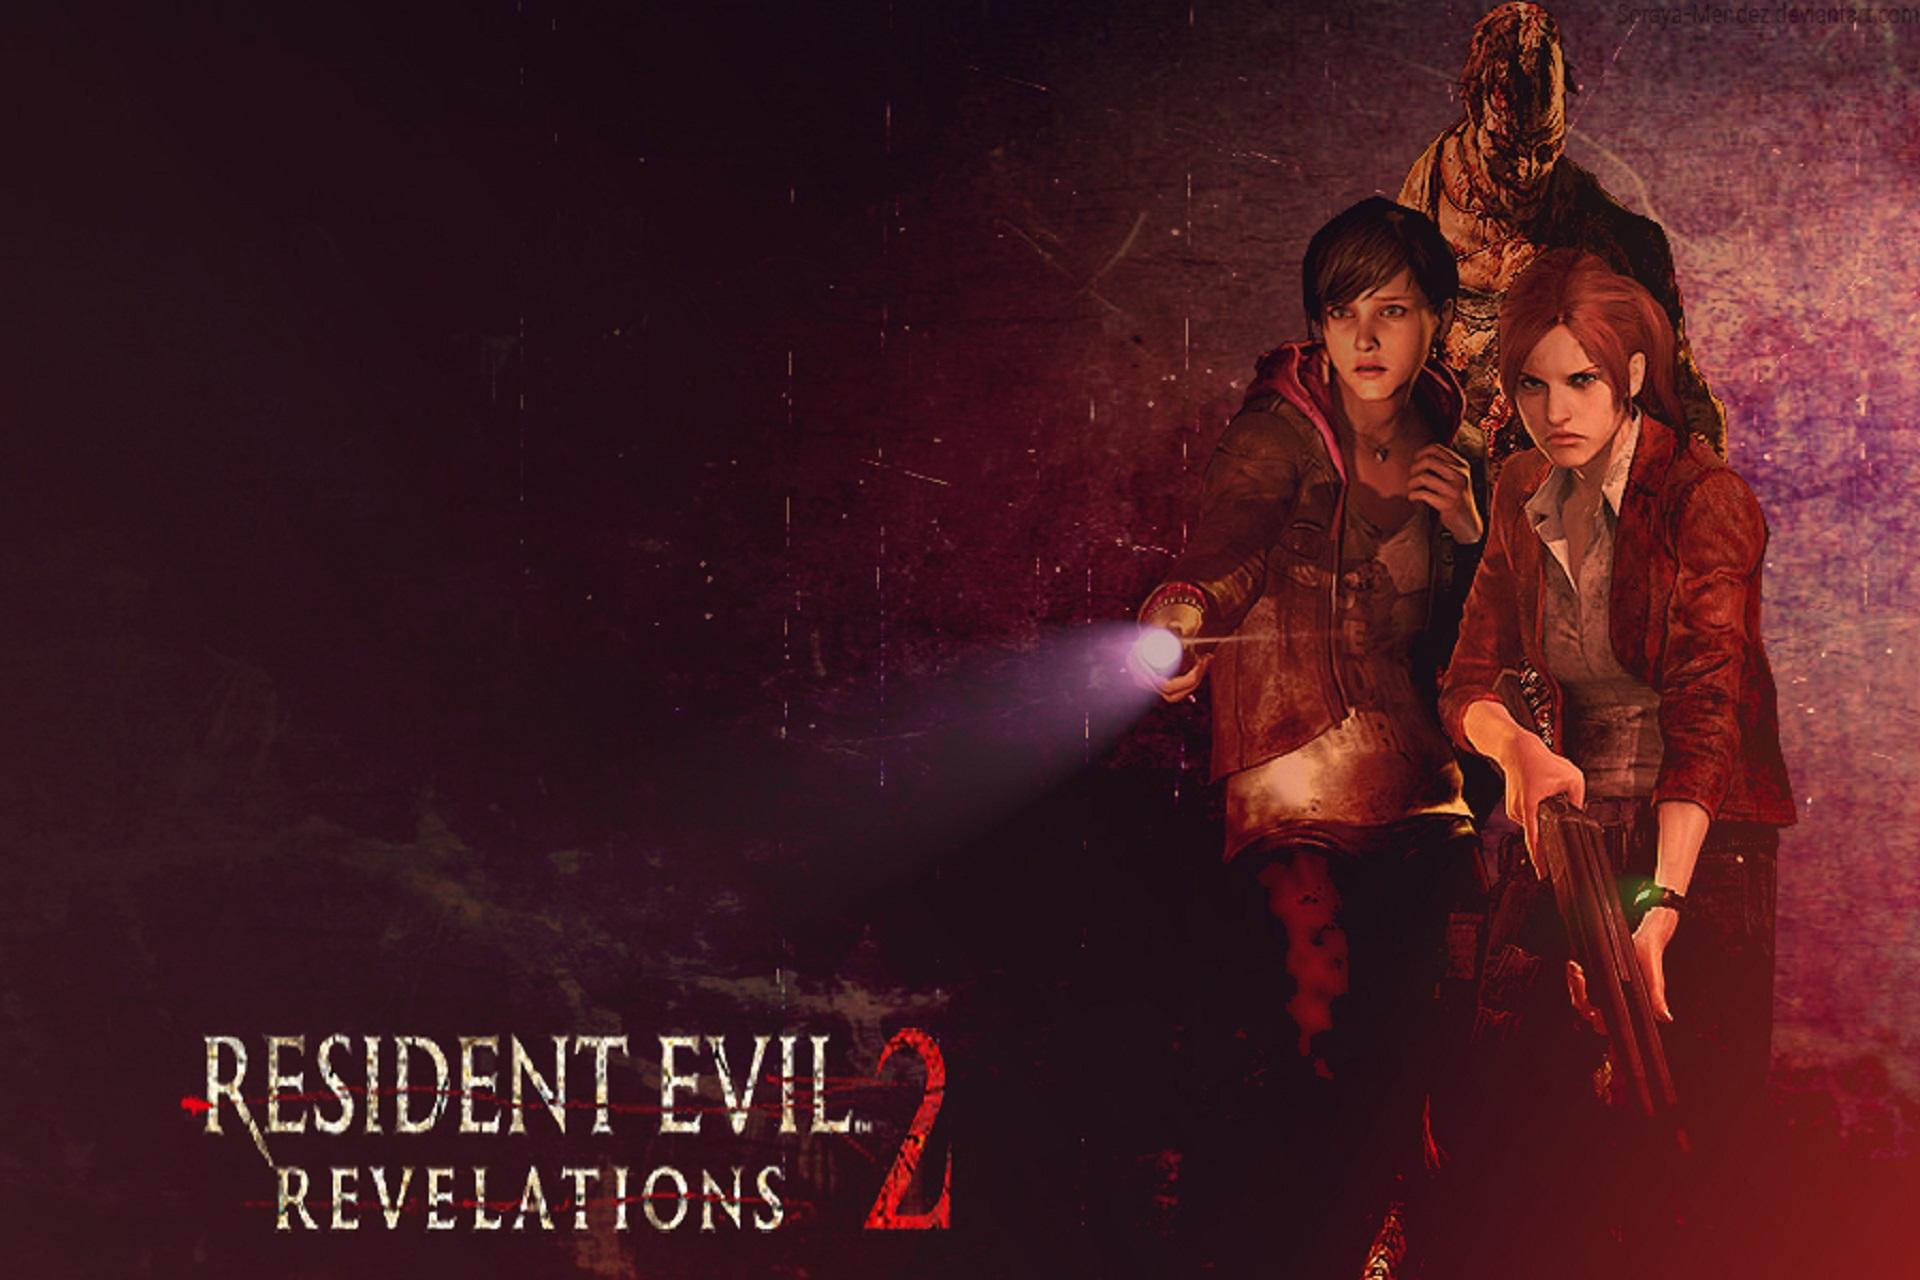 Resident Evil Revelations 2 Wallpaper By S Oraya Mendez